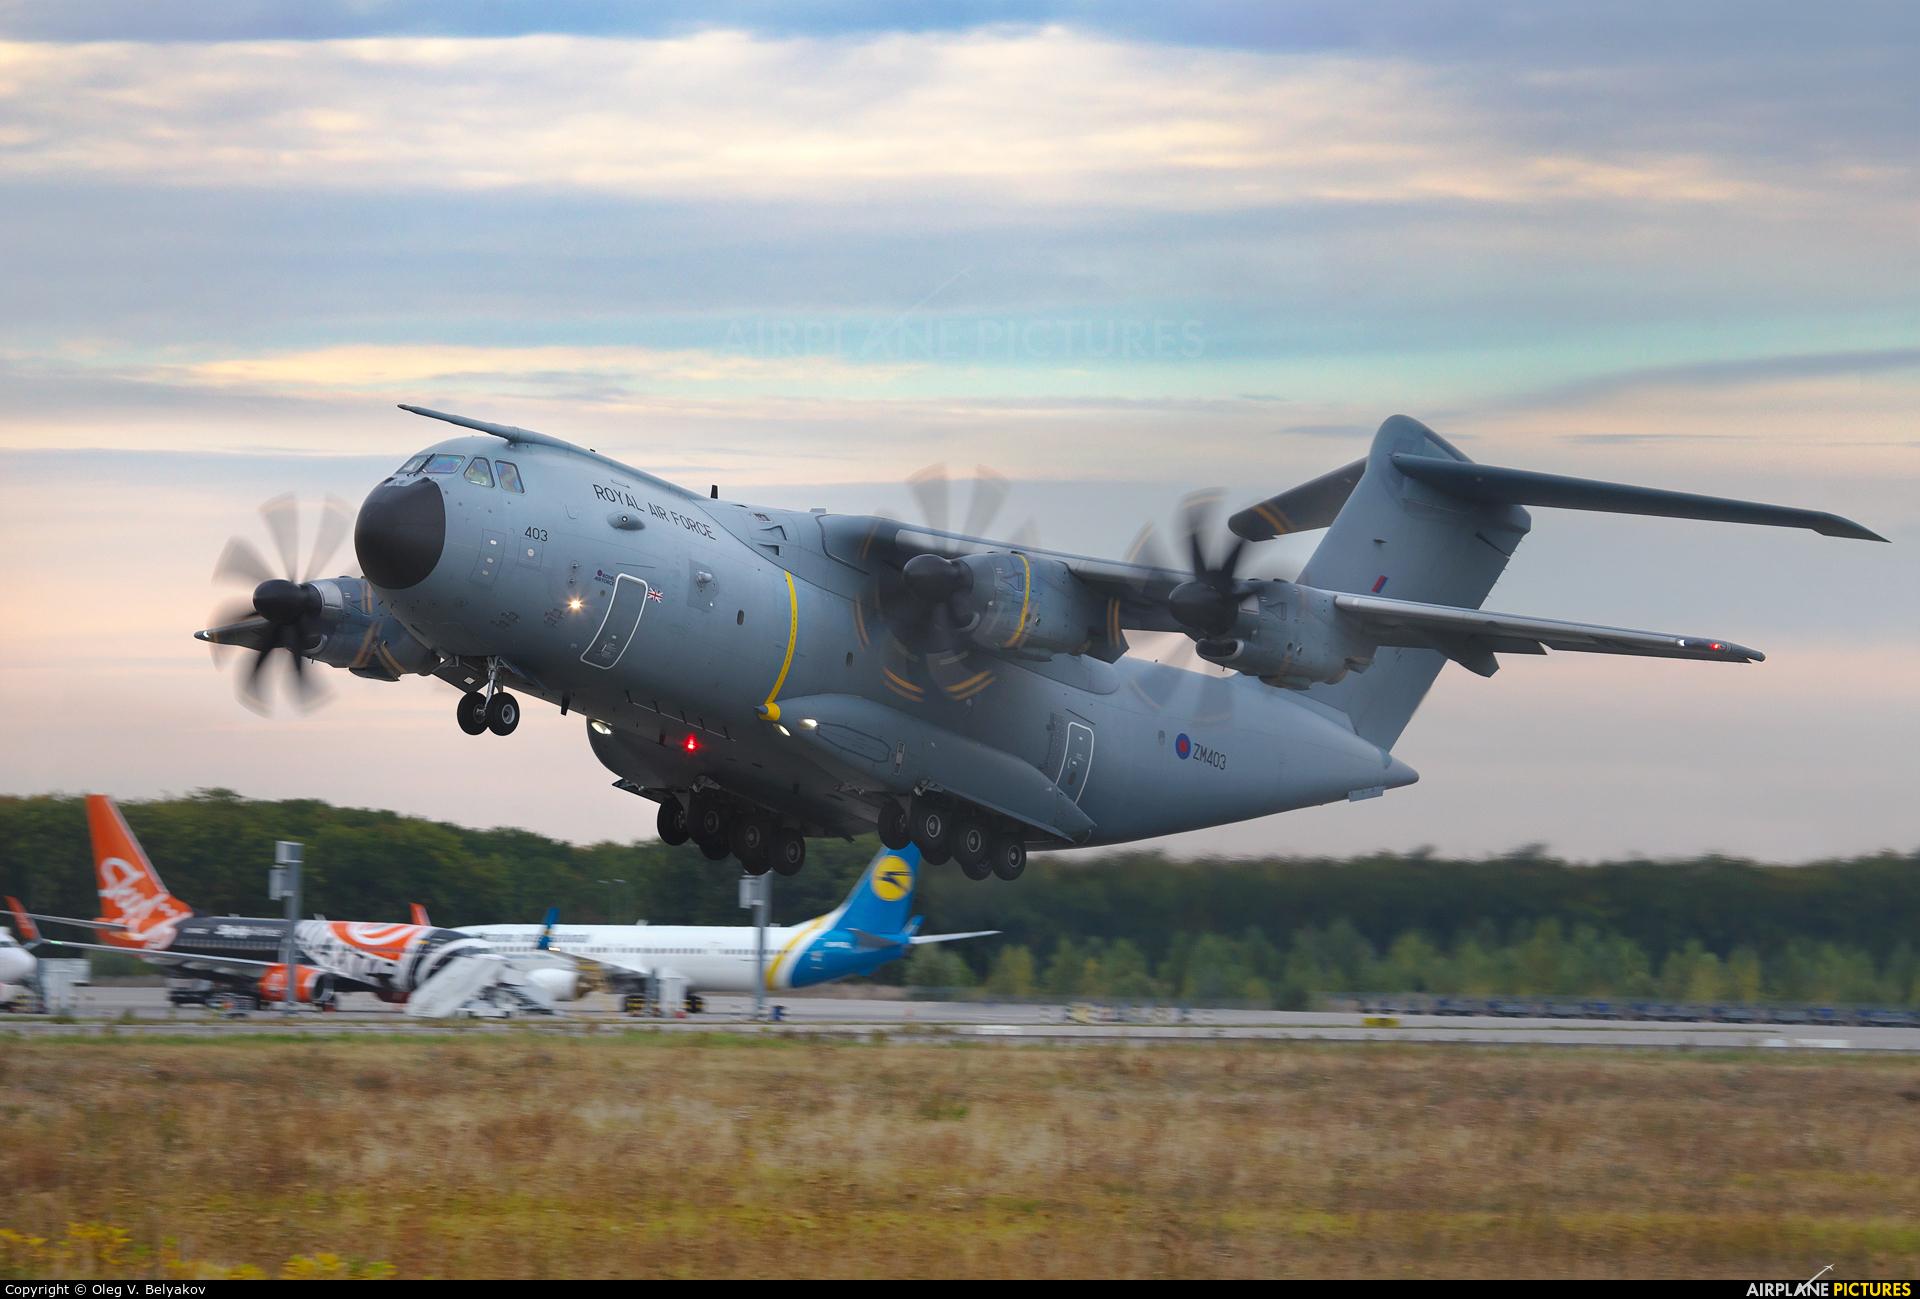 Royal Air Force ZM403 aircraft at Kyiv - Borispol